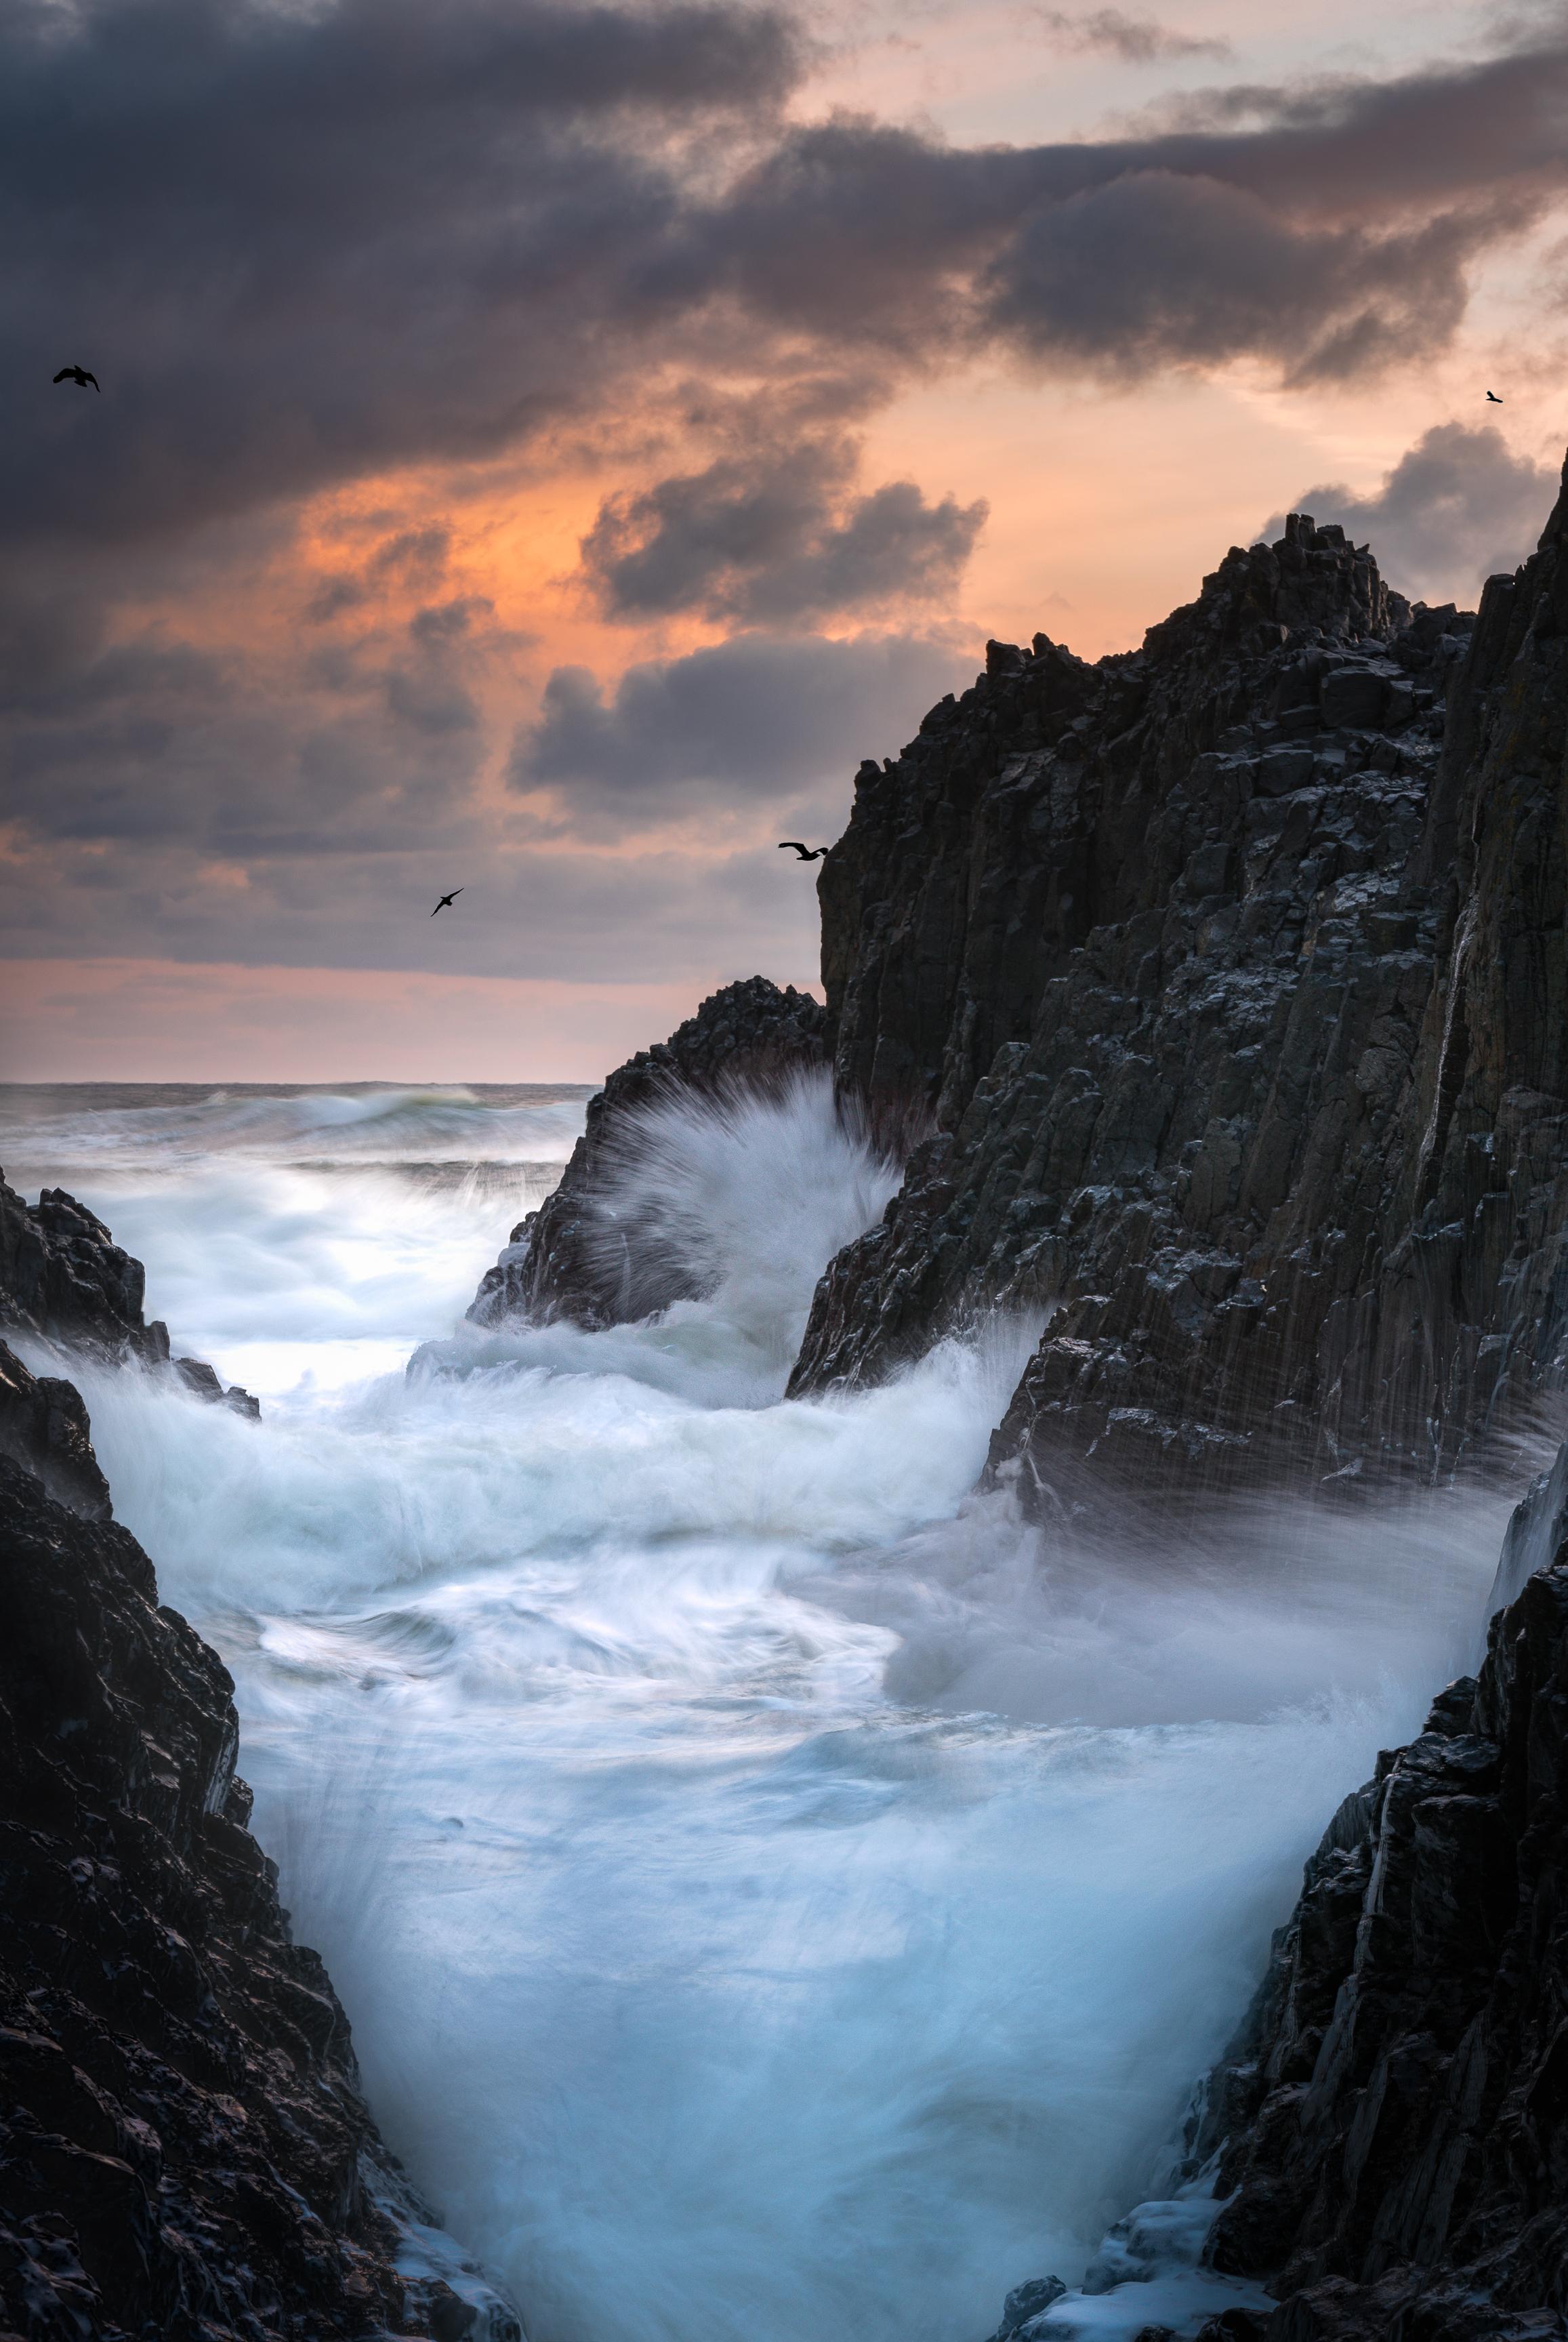 oregon coast sunset and waves